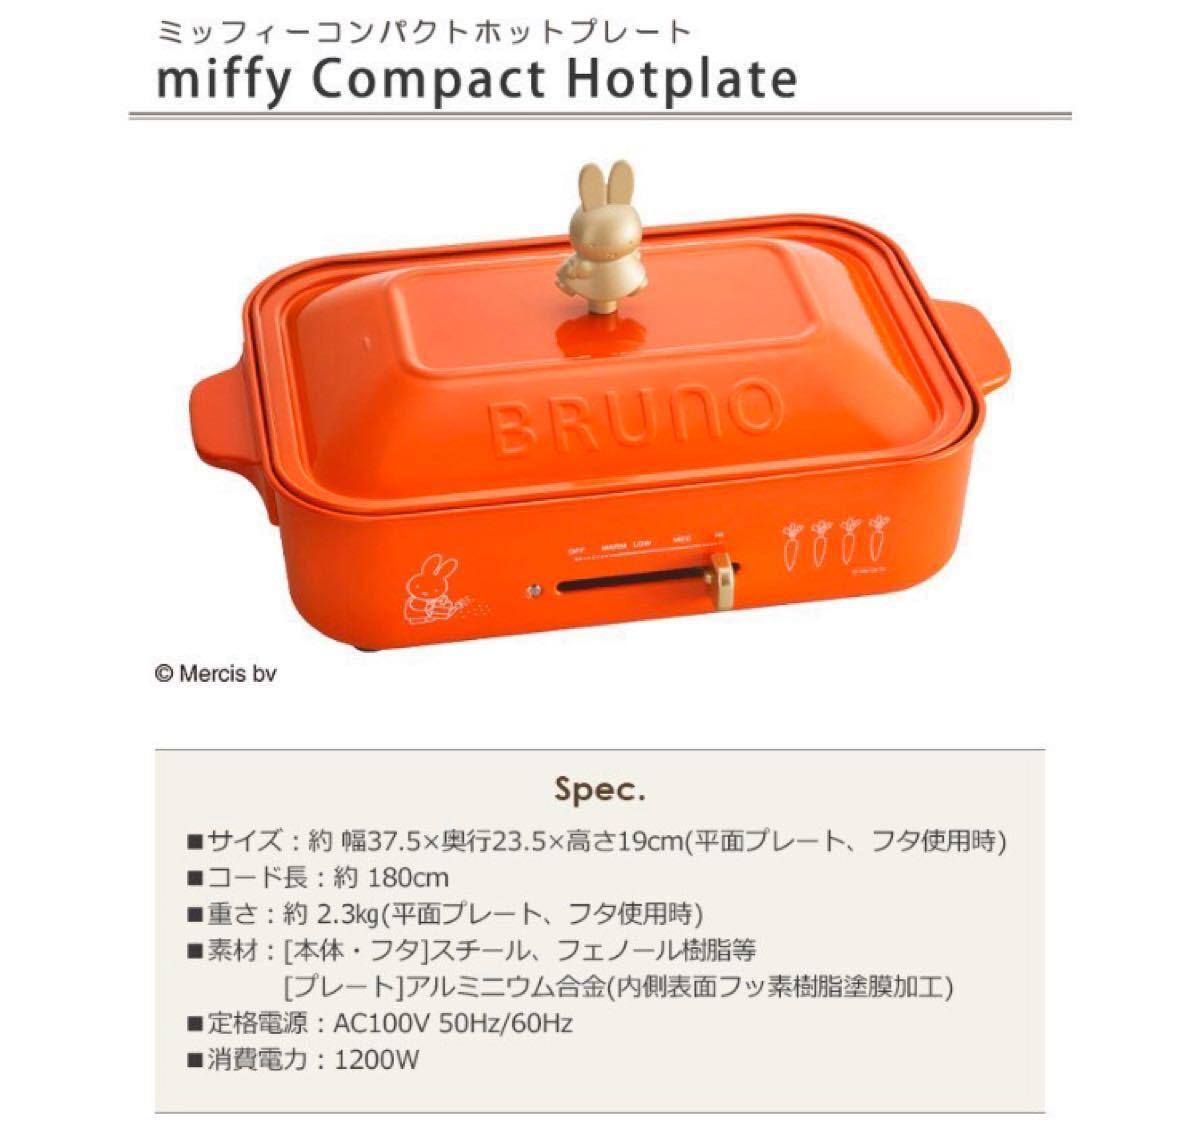 ブルーノ ホットプレート ミッフィー 本体&3種プレート BRUNO miffy コンパクトホットプレート レシピブック付き